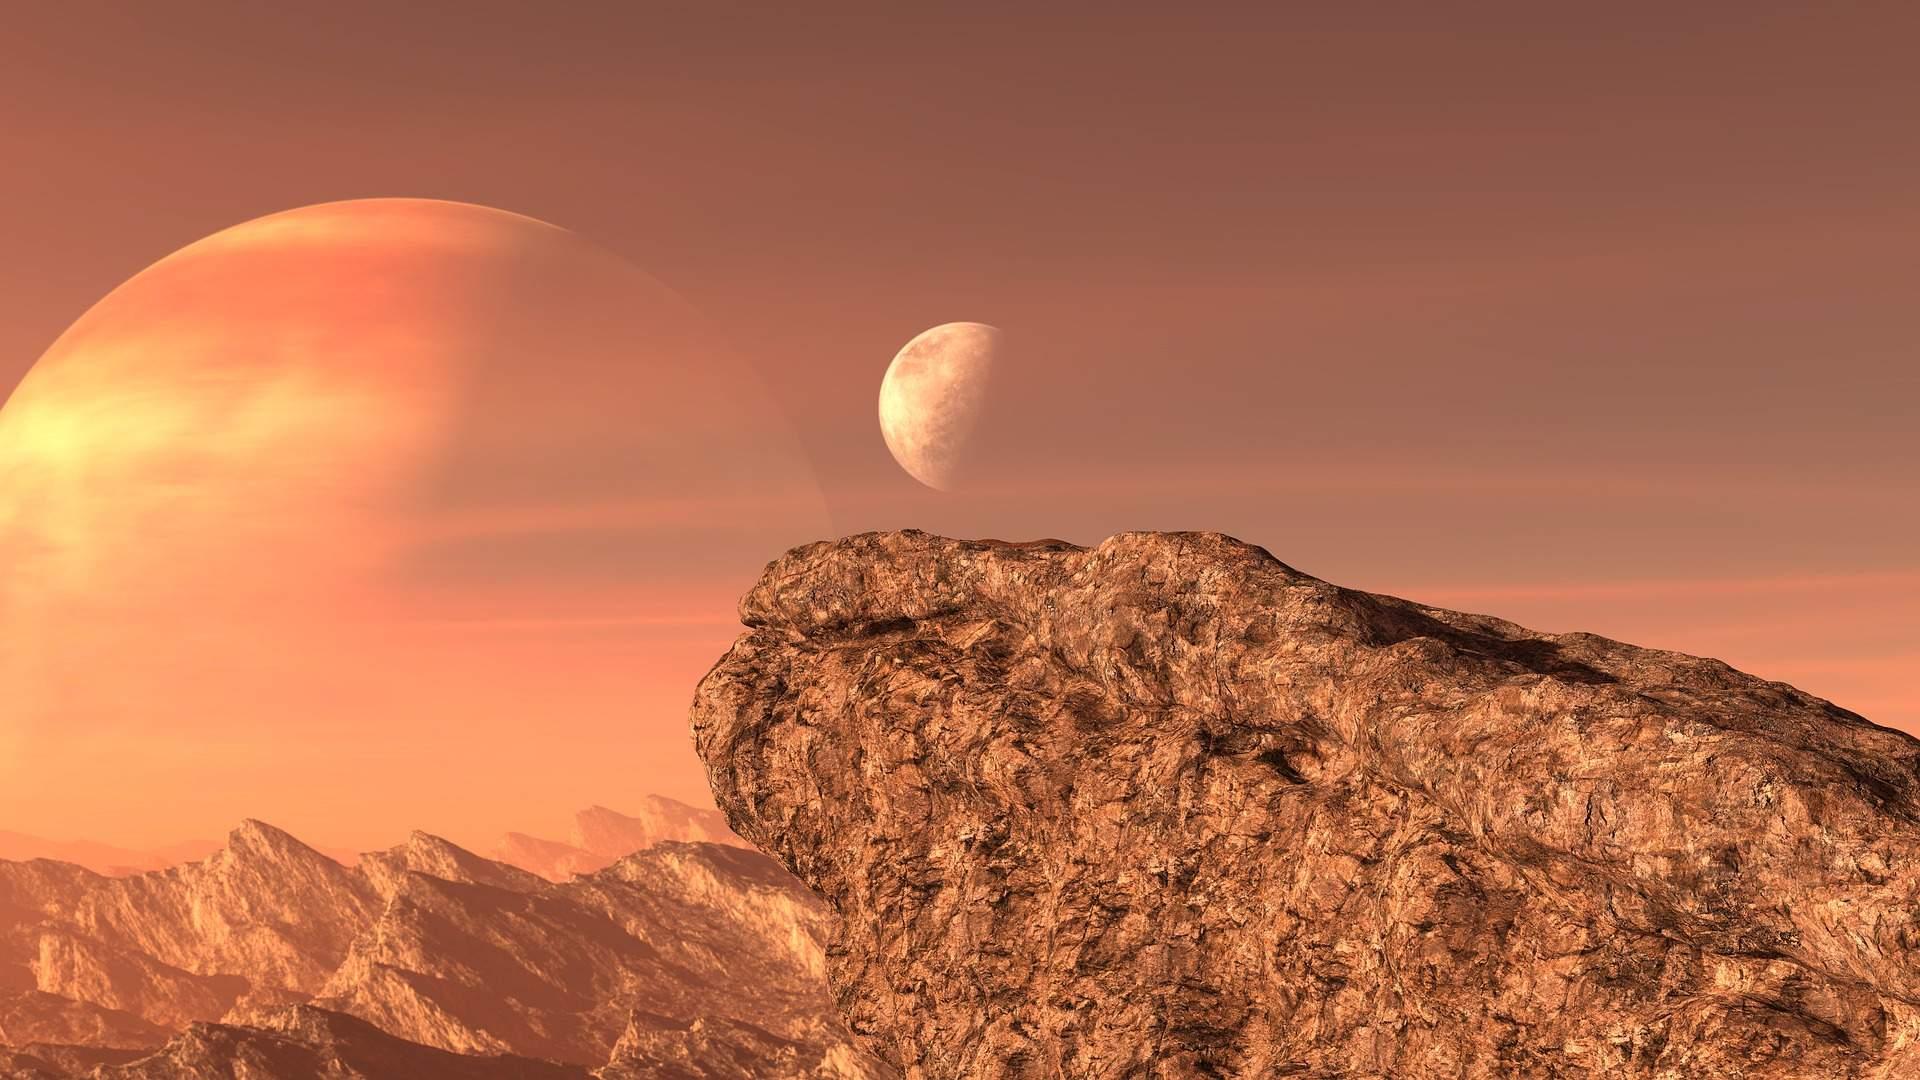 21259 14 октября 2020 года - противостояние Марса